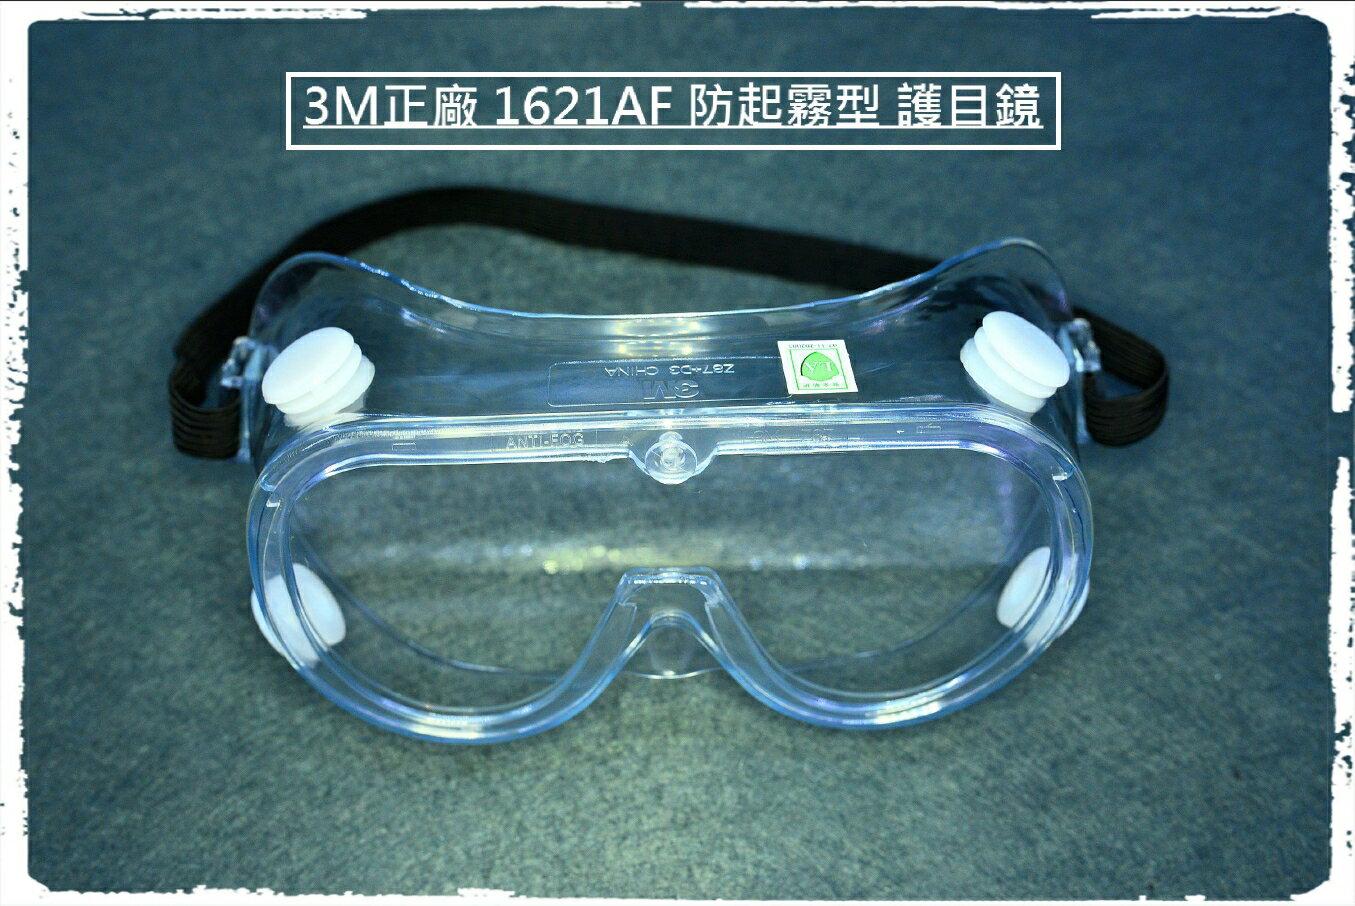 3M正廠 1621AF透氣防霧護目鏡 防護眼罩 防護眼鏡墨鏡 防風防塵 防沙防飛濺 防刮抗UV紫外線 耐衝擊服貼舒適